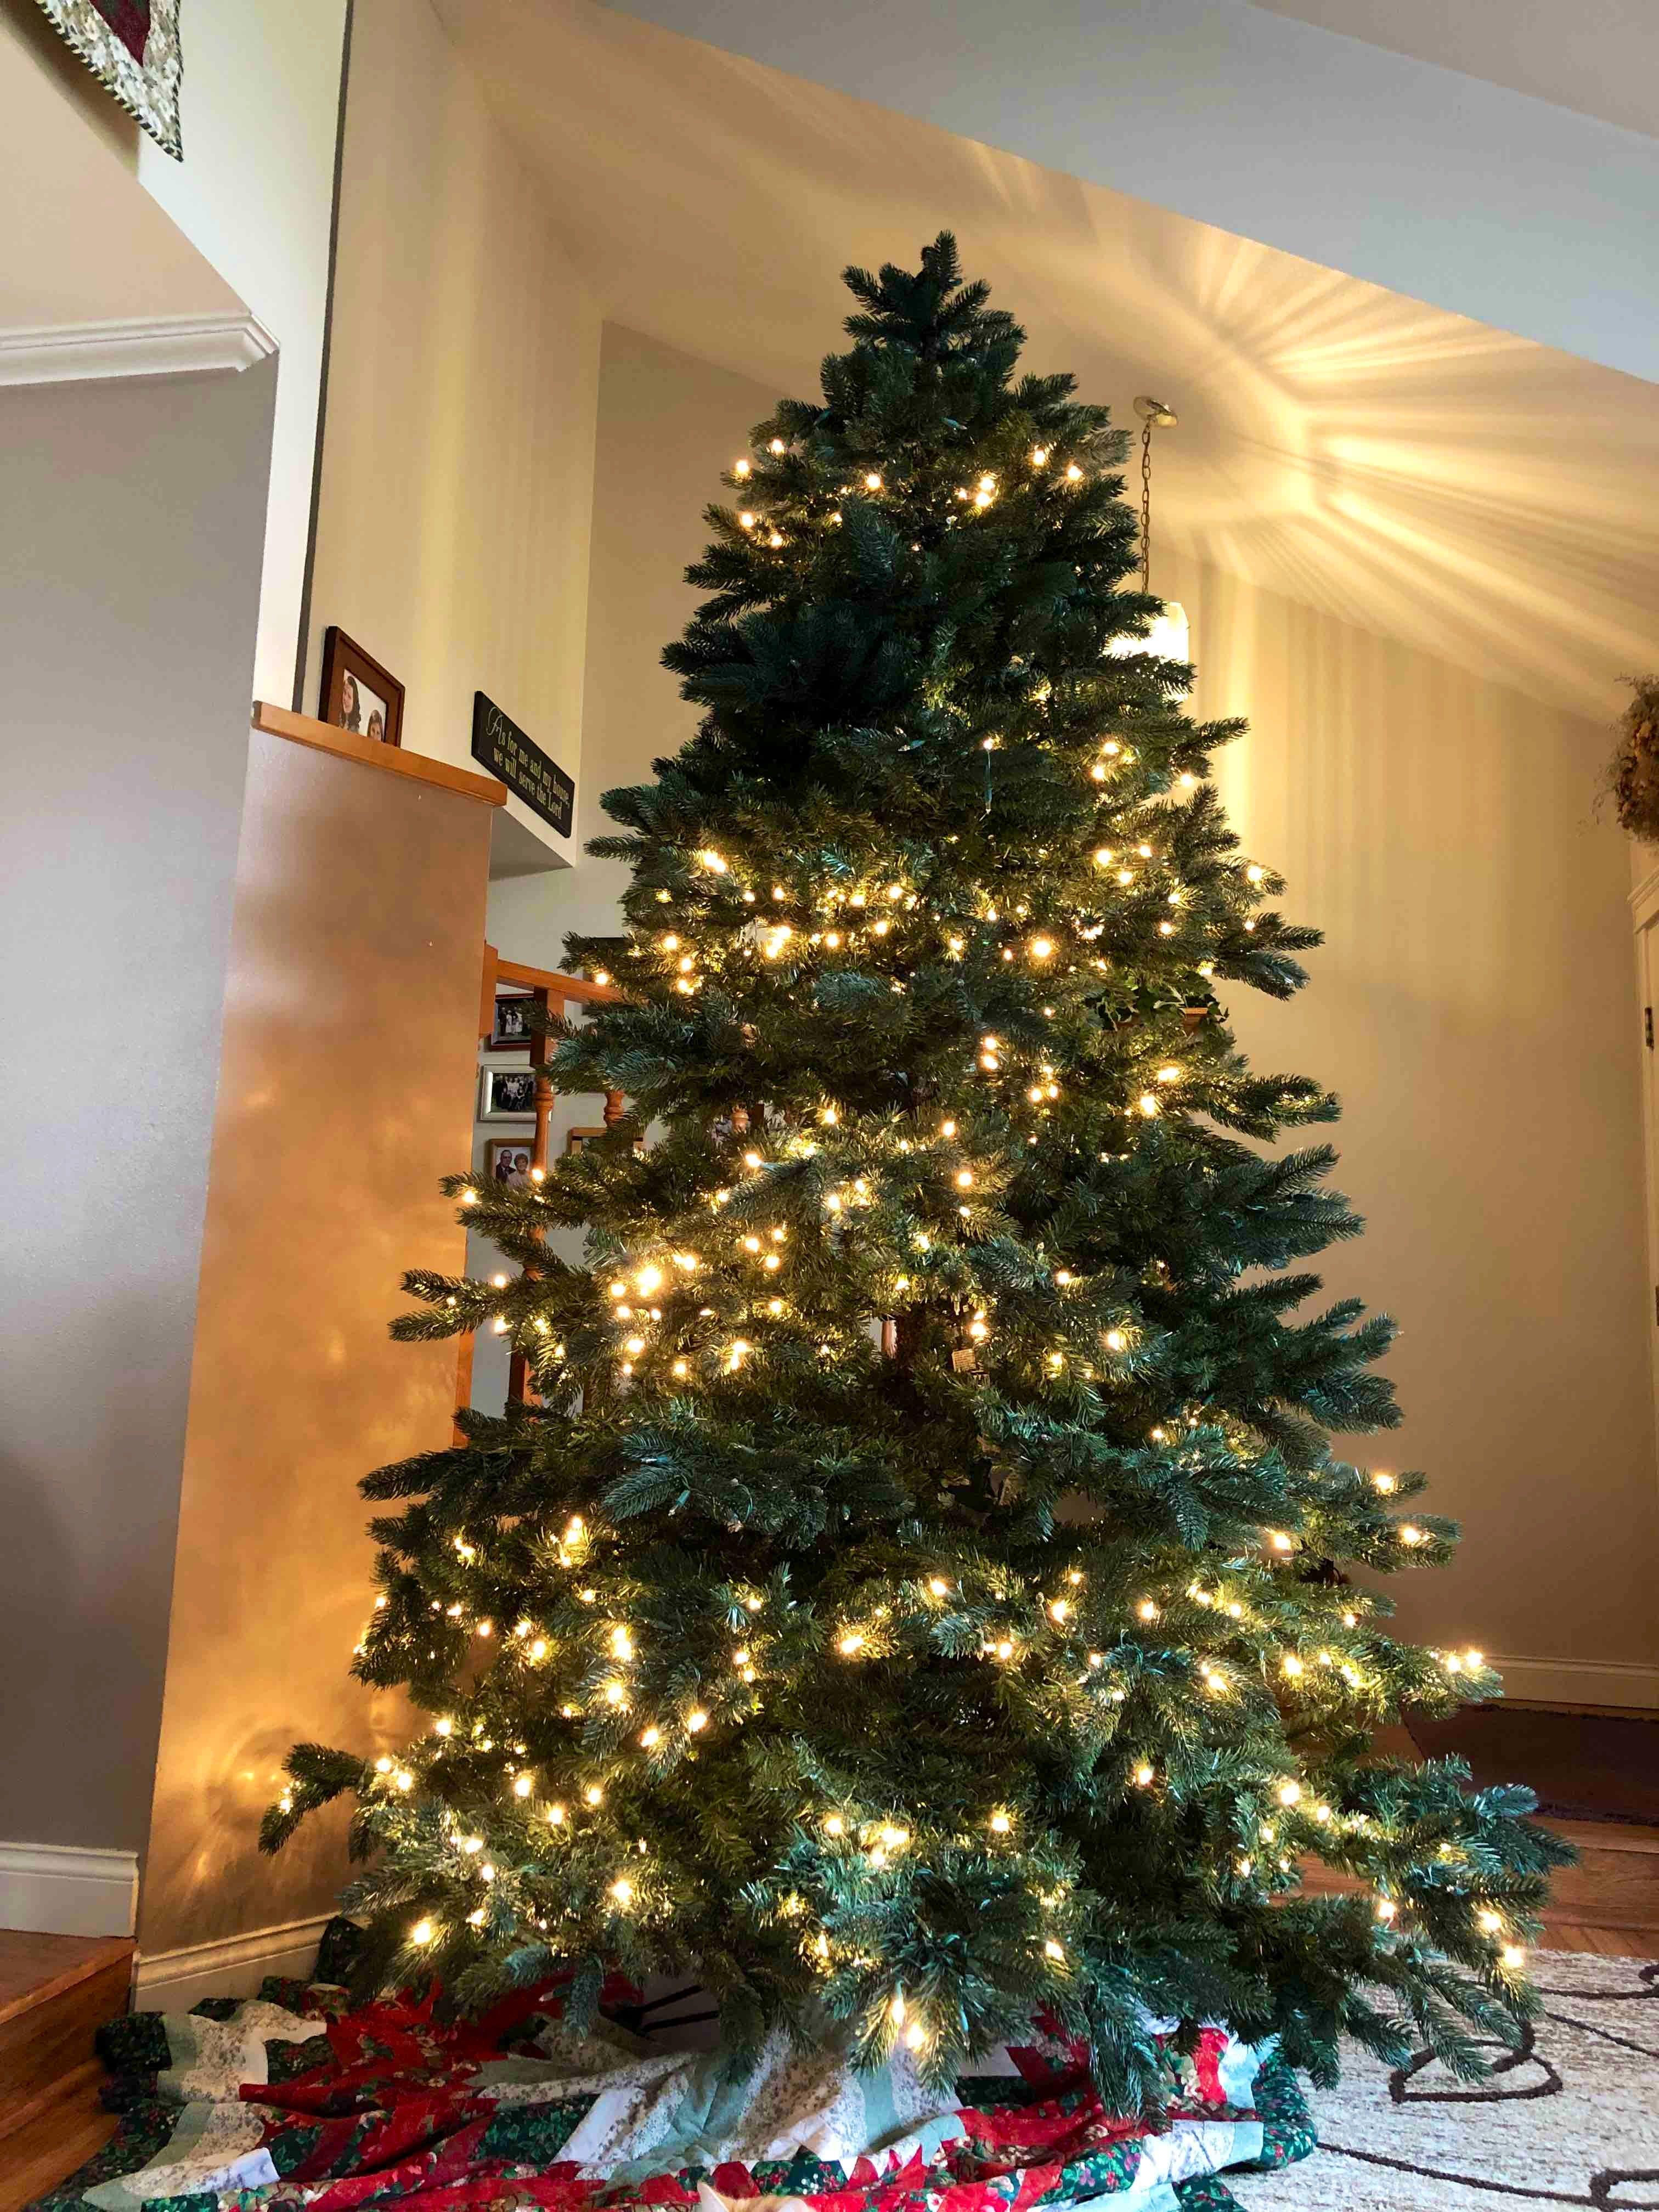 9' Christmas tree with lights